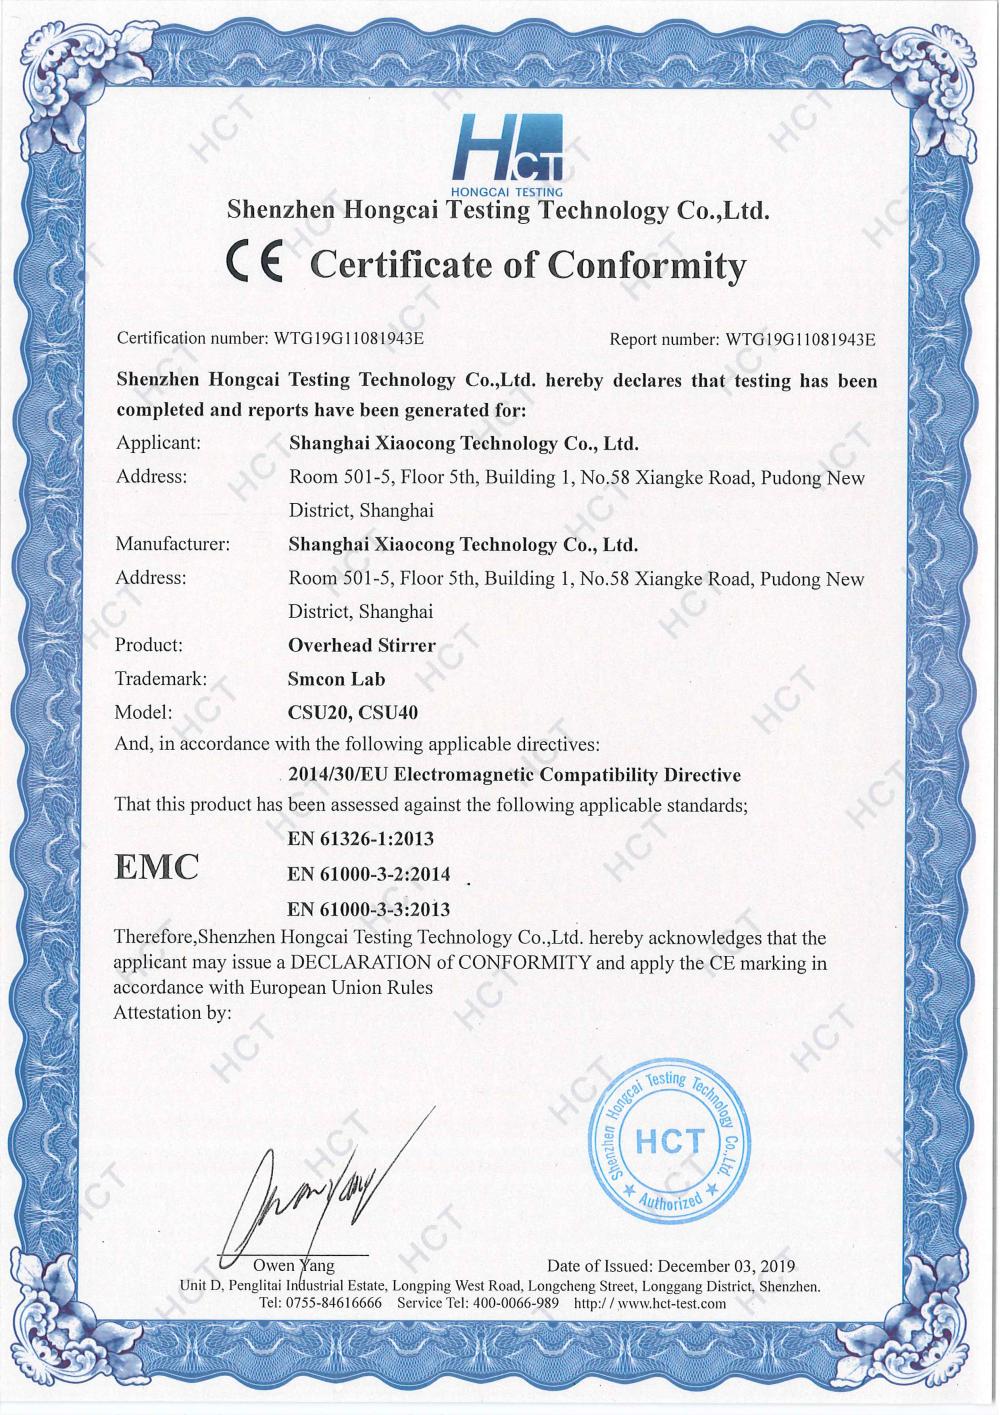 小聪科技顶置搅拌机CE证书